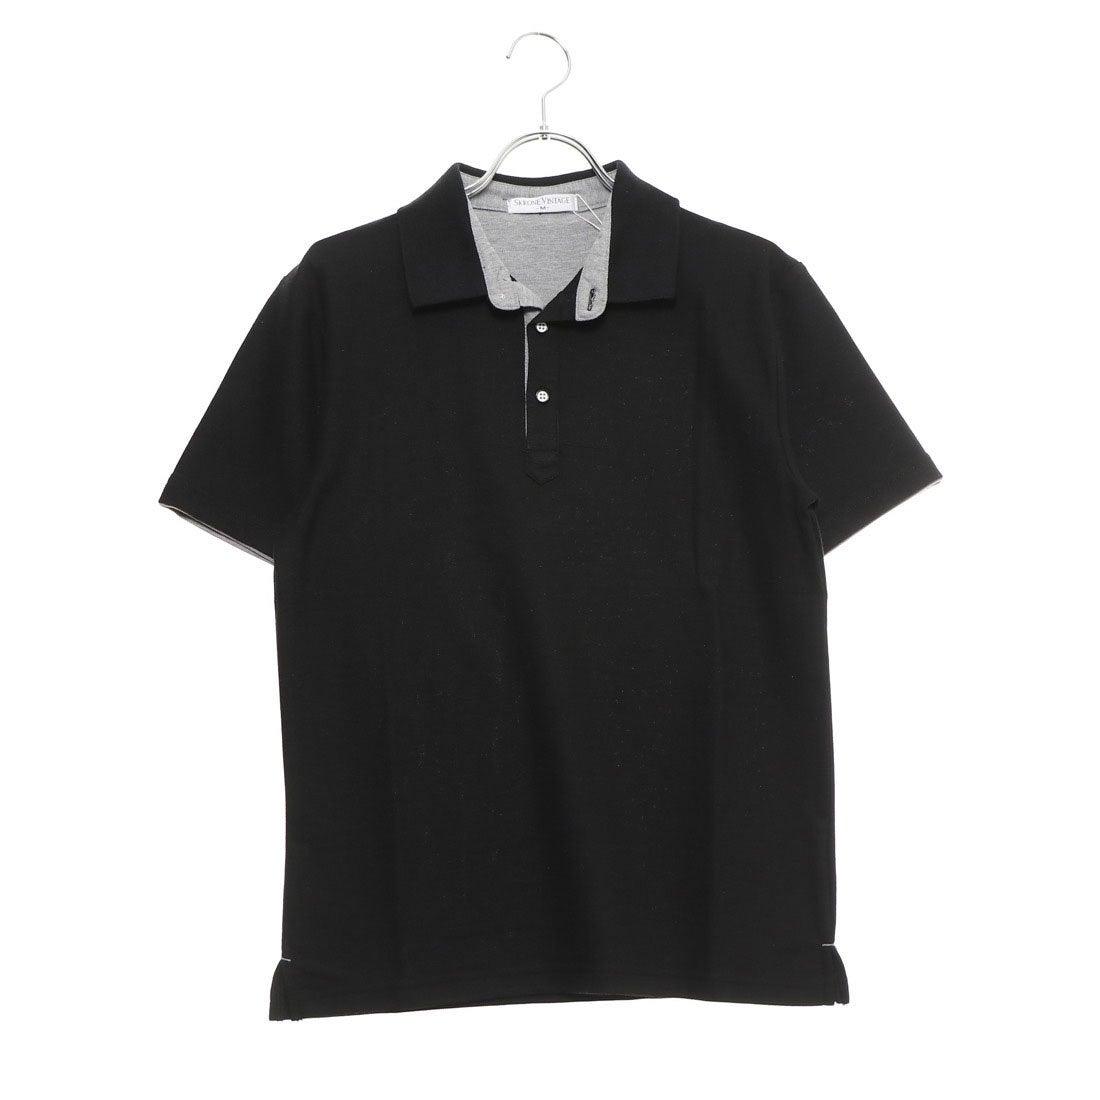 ロコンド 靴とファッションの通販サイトスタイルブロック STYLEBLOCK 配色鹿の子ドライポロシャツ (ブラック)